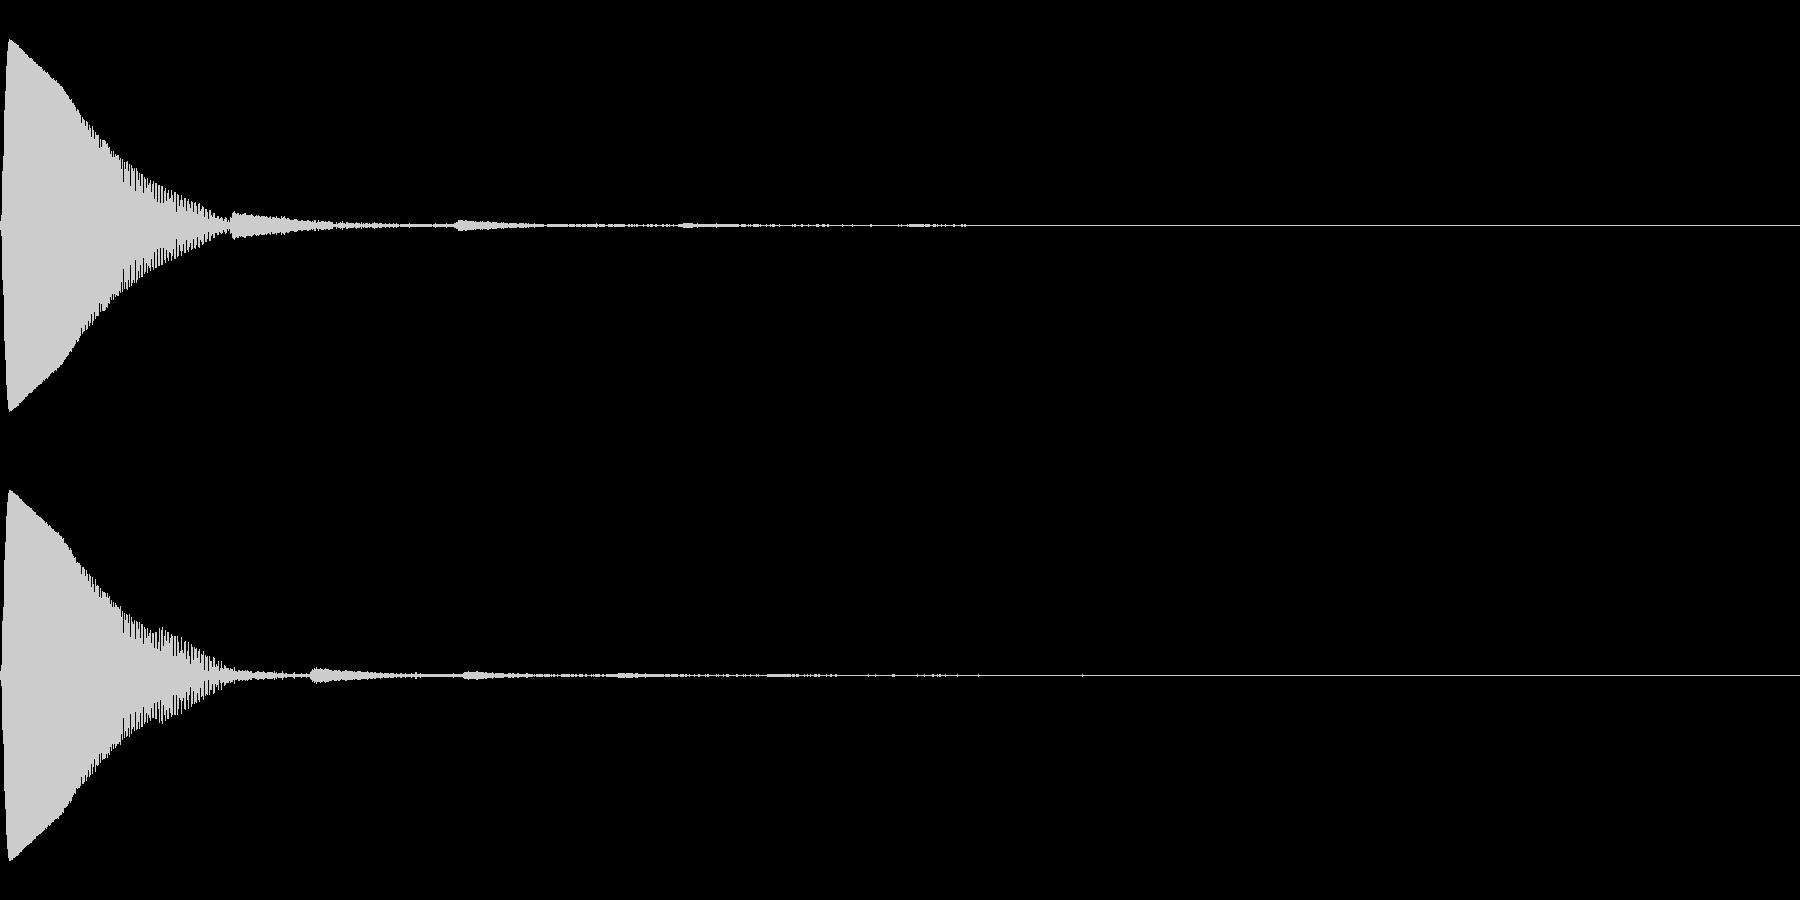 シンプル効果音 ポーン ジャンプ 投げるの未再生の波形